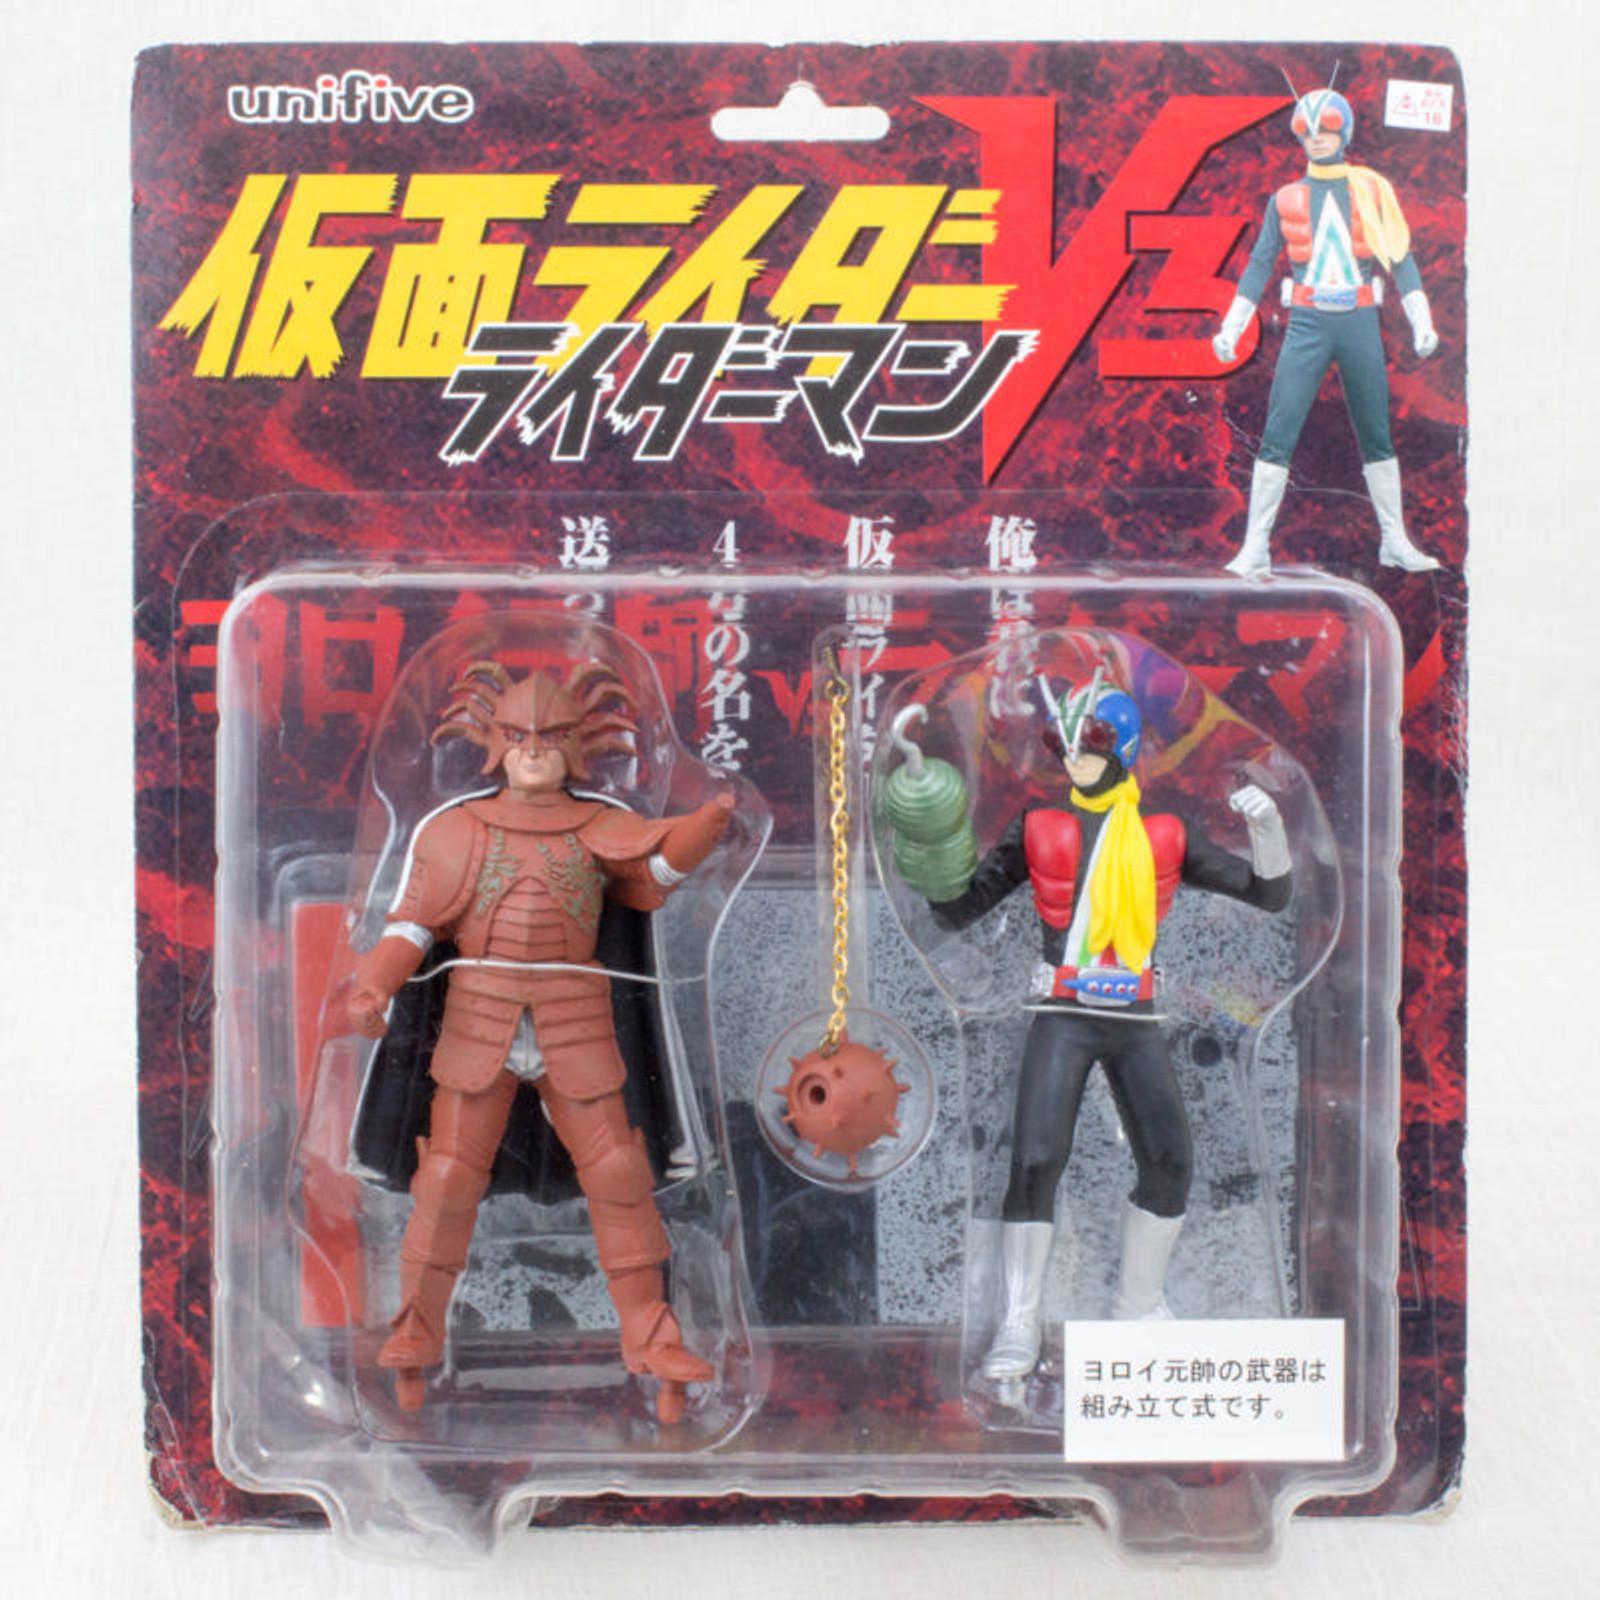 Kamen Rider V3 Riderman vs Yoroi Gensui Figure Unifive JAPAN